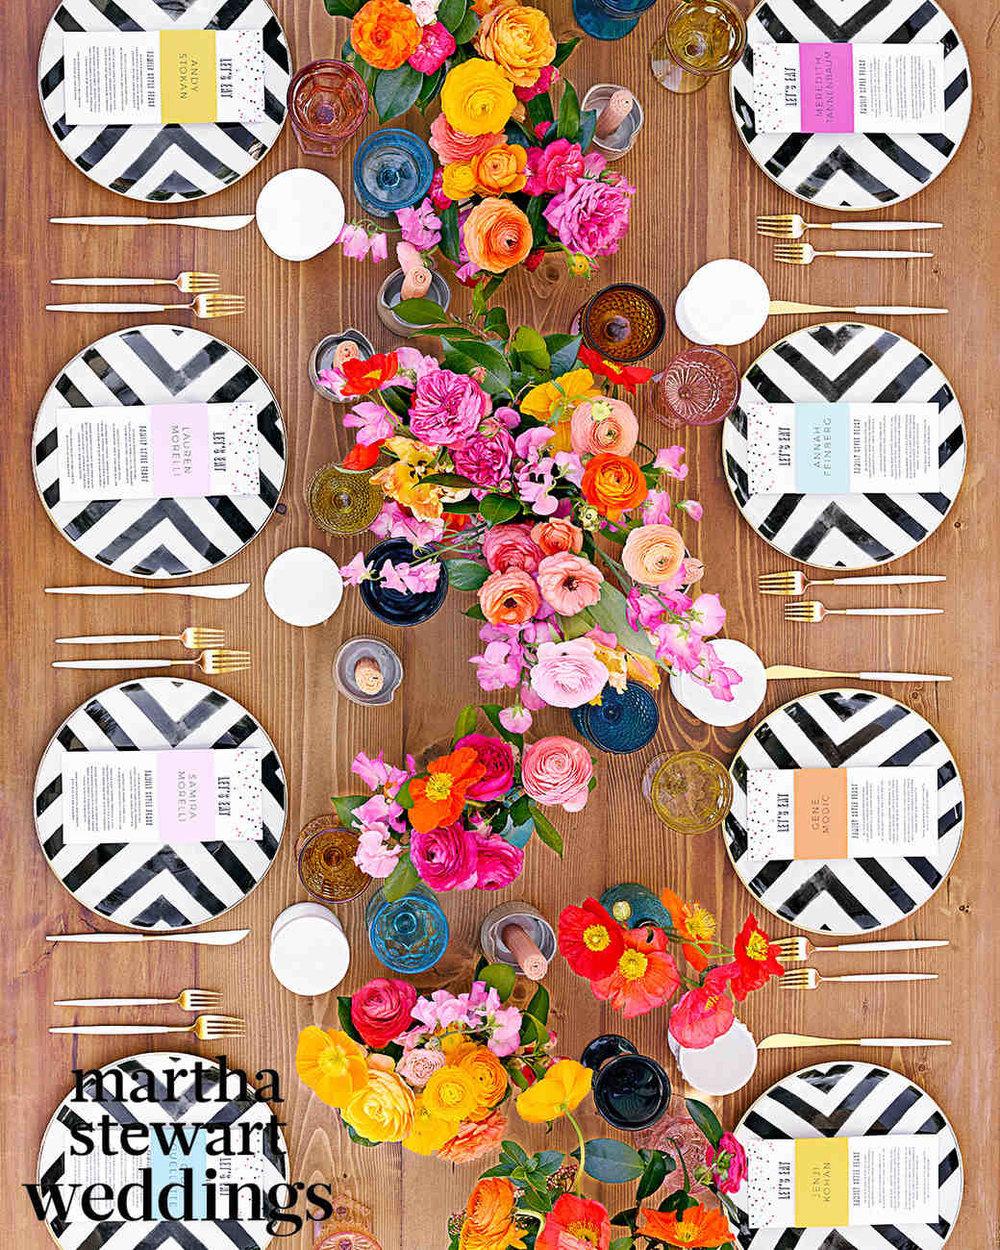 samira-wiley-lauren-morelli-wedding-table-103016867_vert.jpg